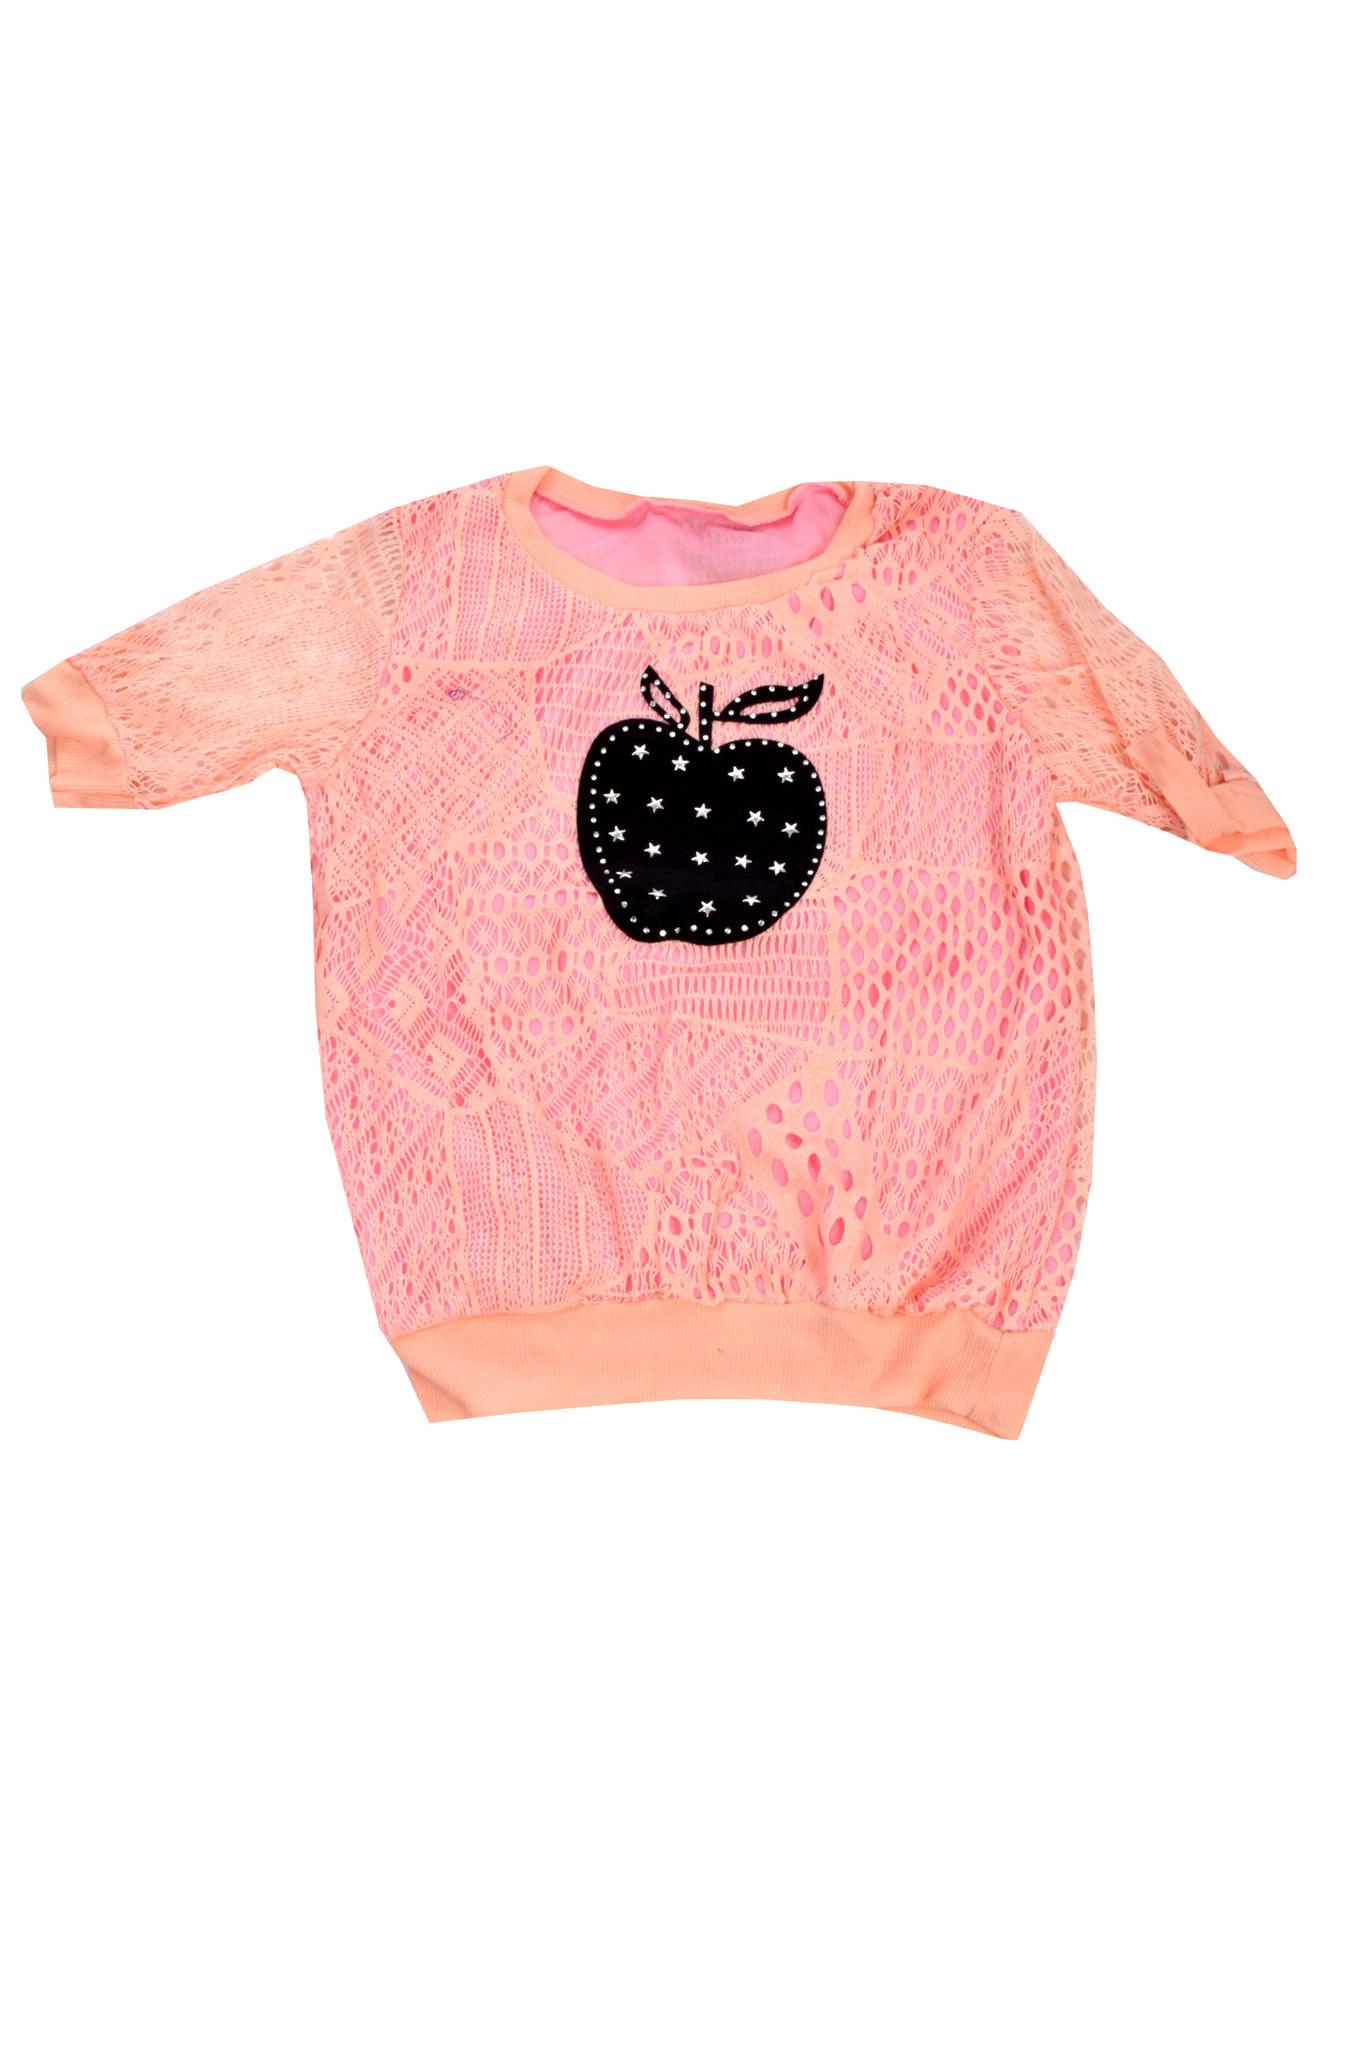 Designer Pink Apple design  Top